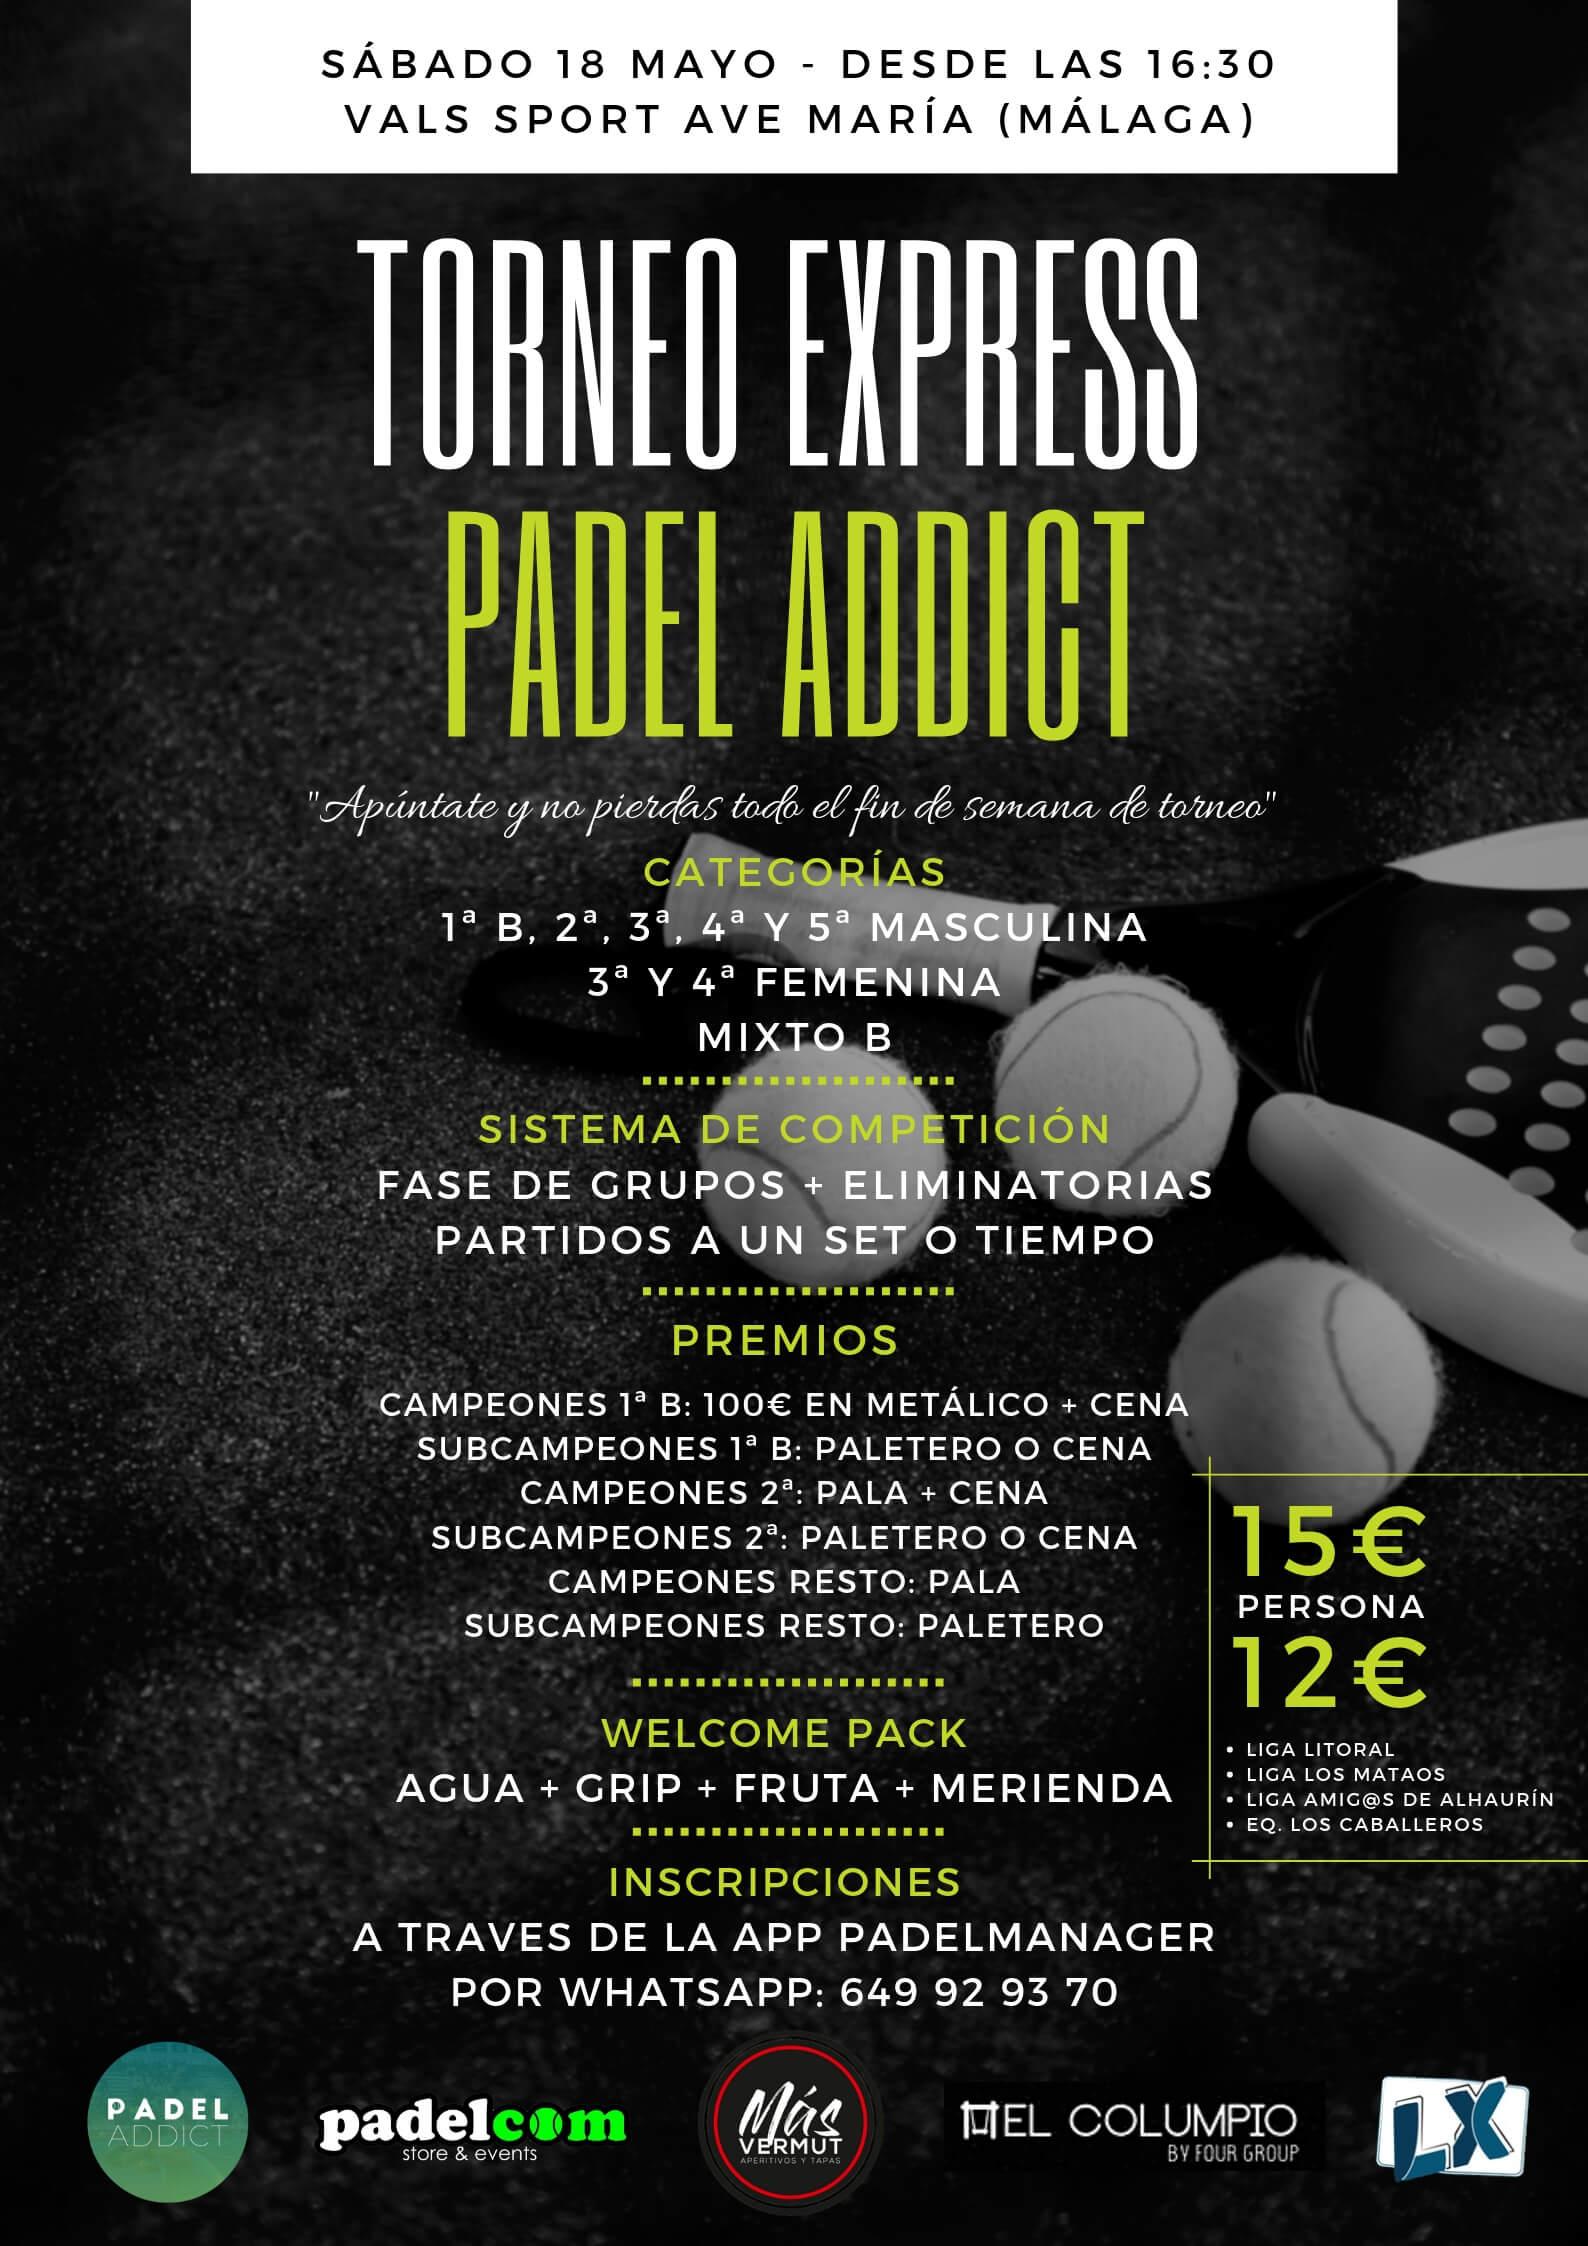 Torneo Express Padel Addict el 18 de mayo en Vals Sport Ave María